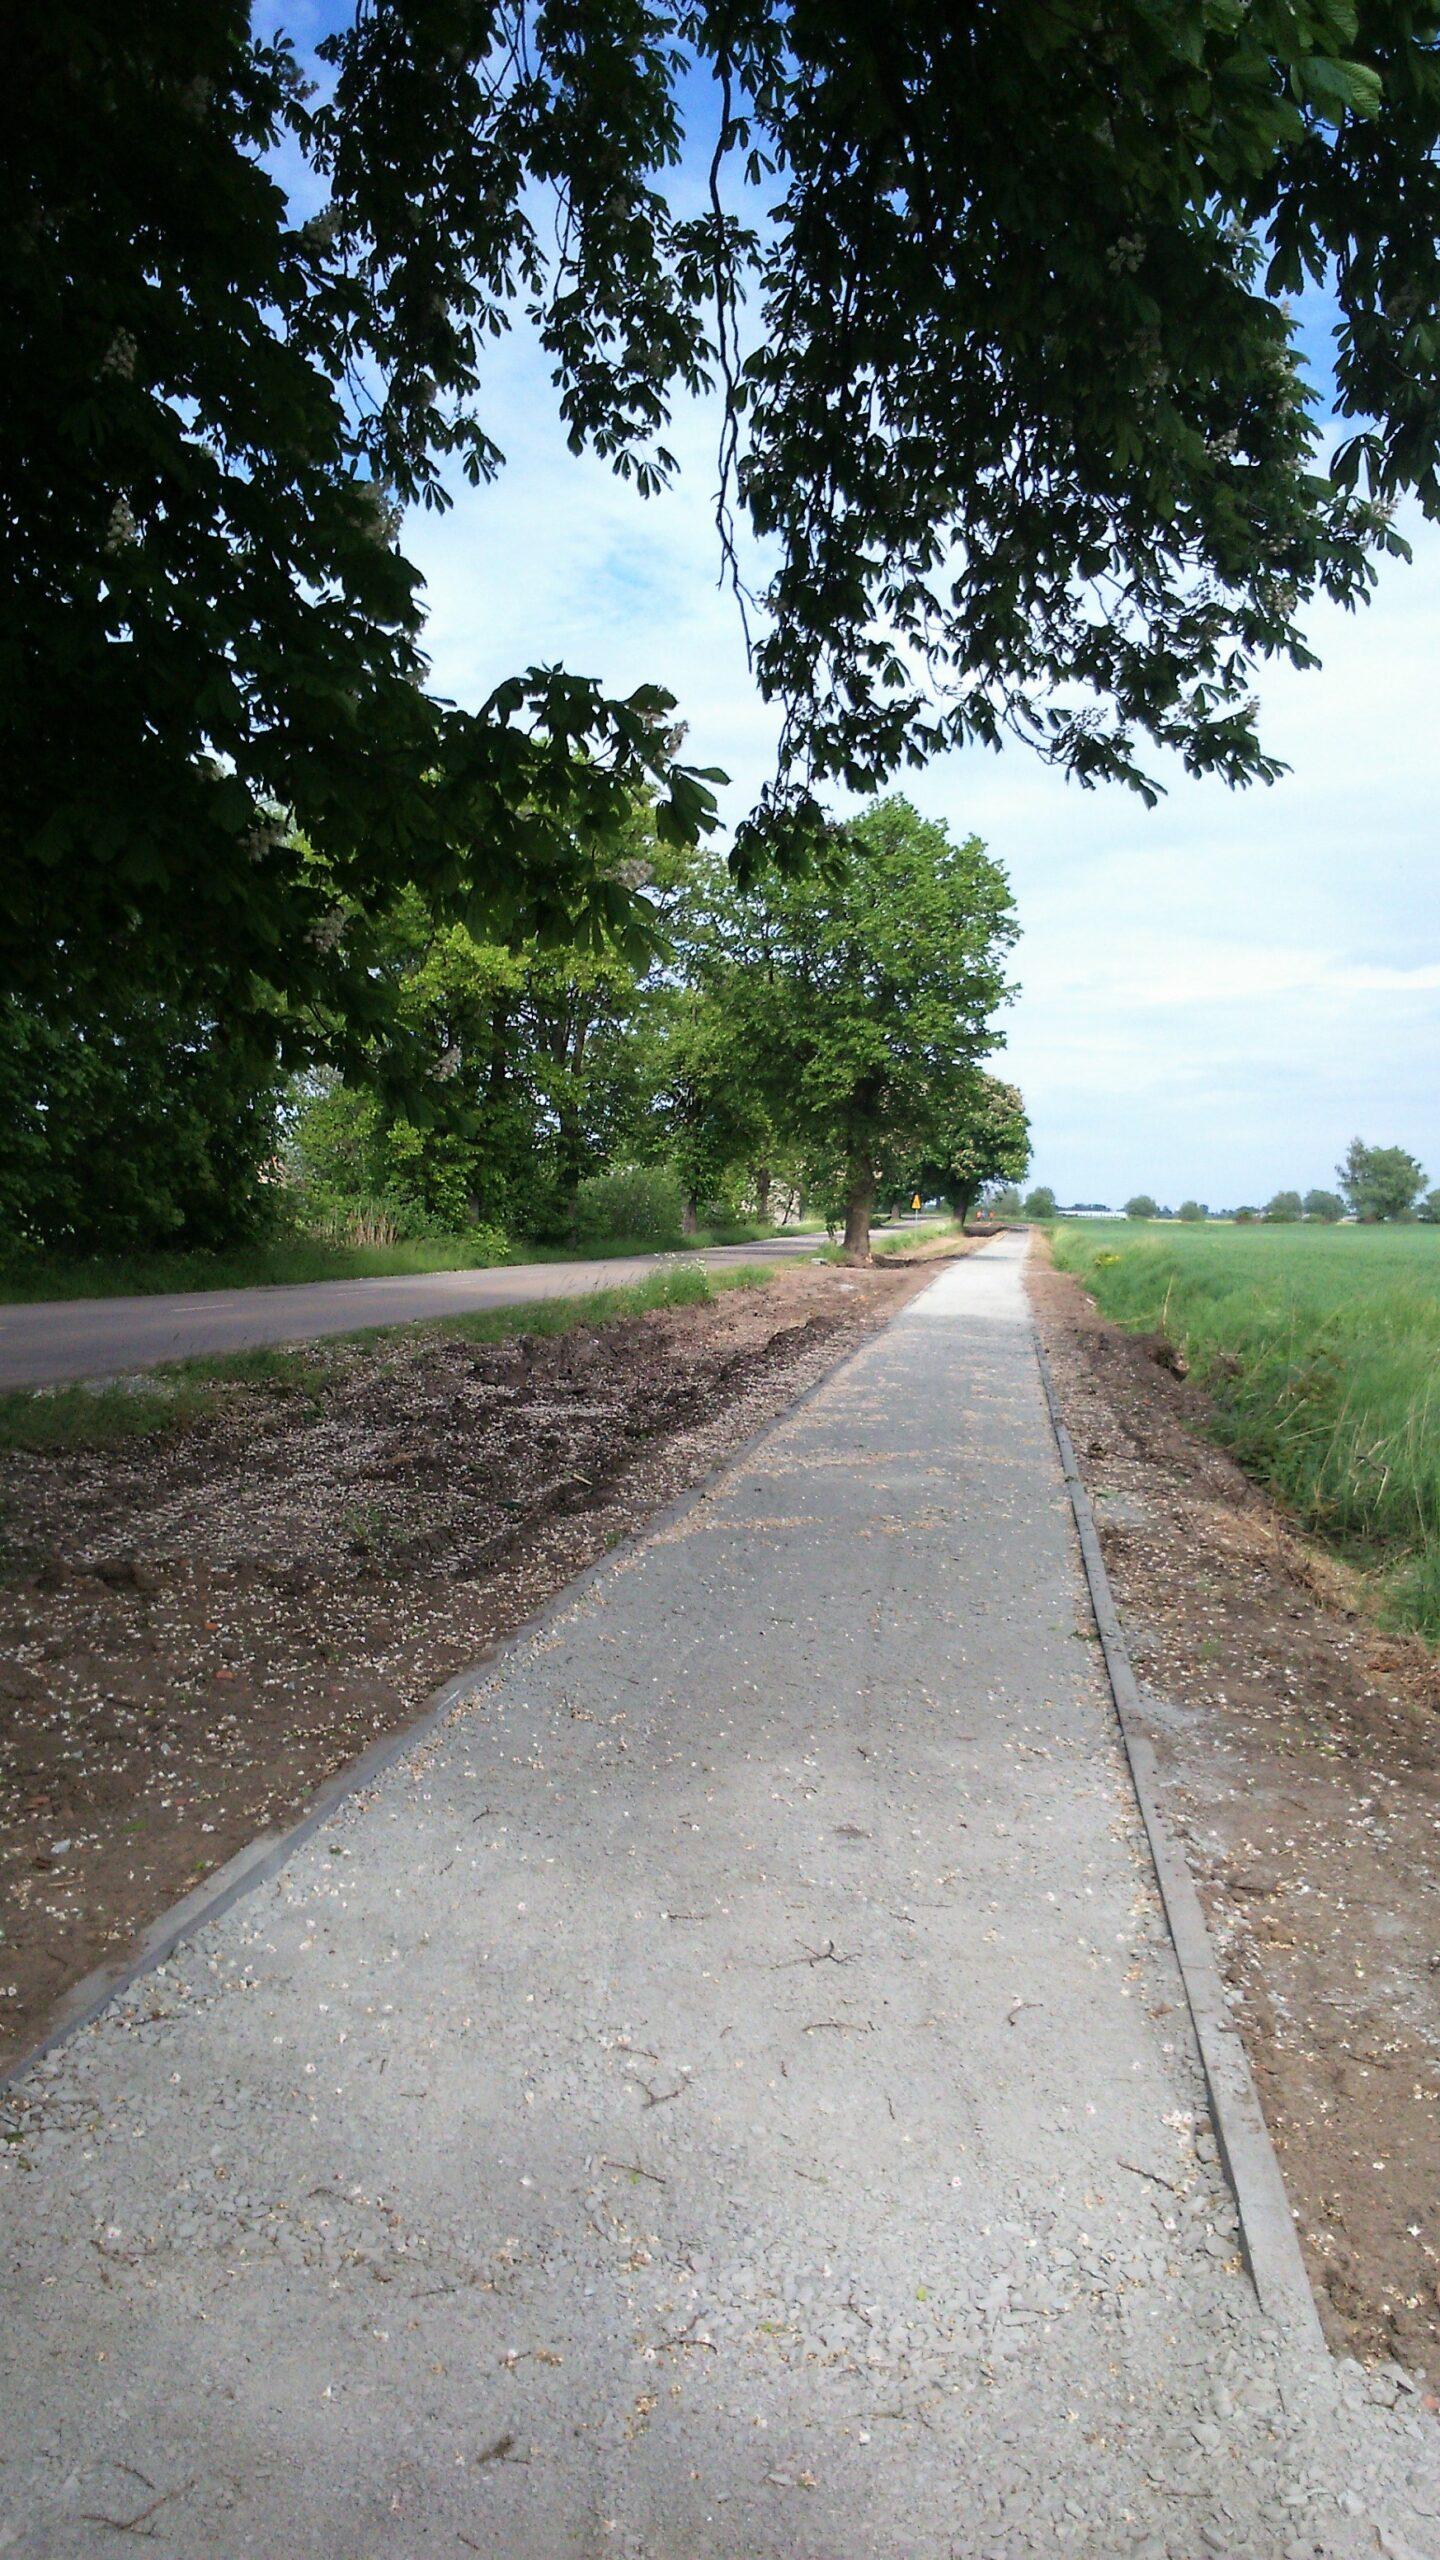 Ostaszewo – Wiślana Trasa Rowerowa na półmetku